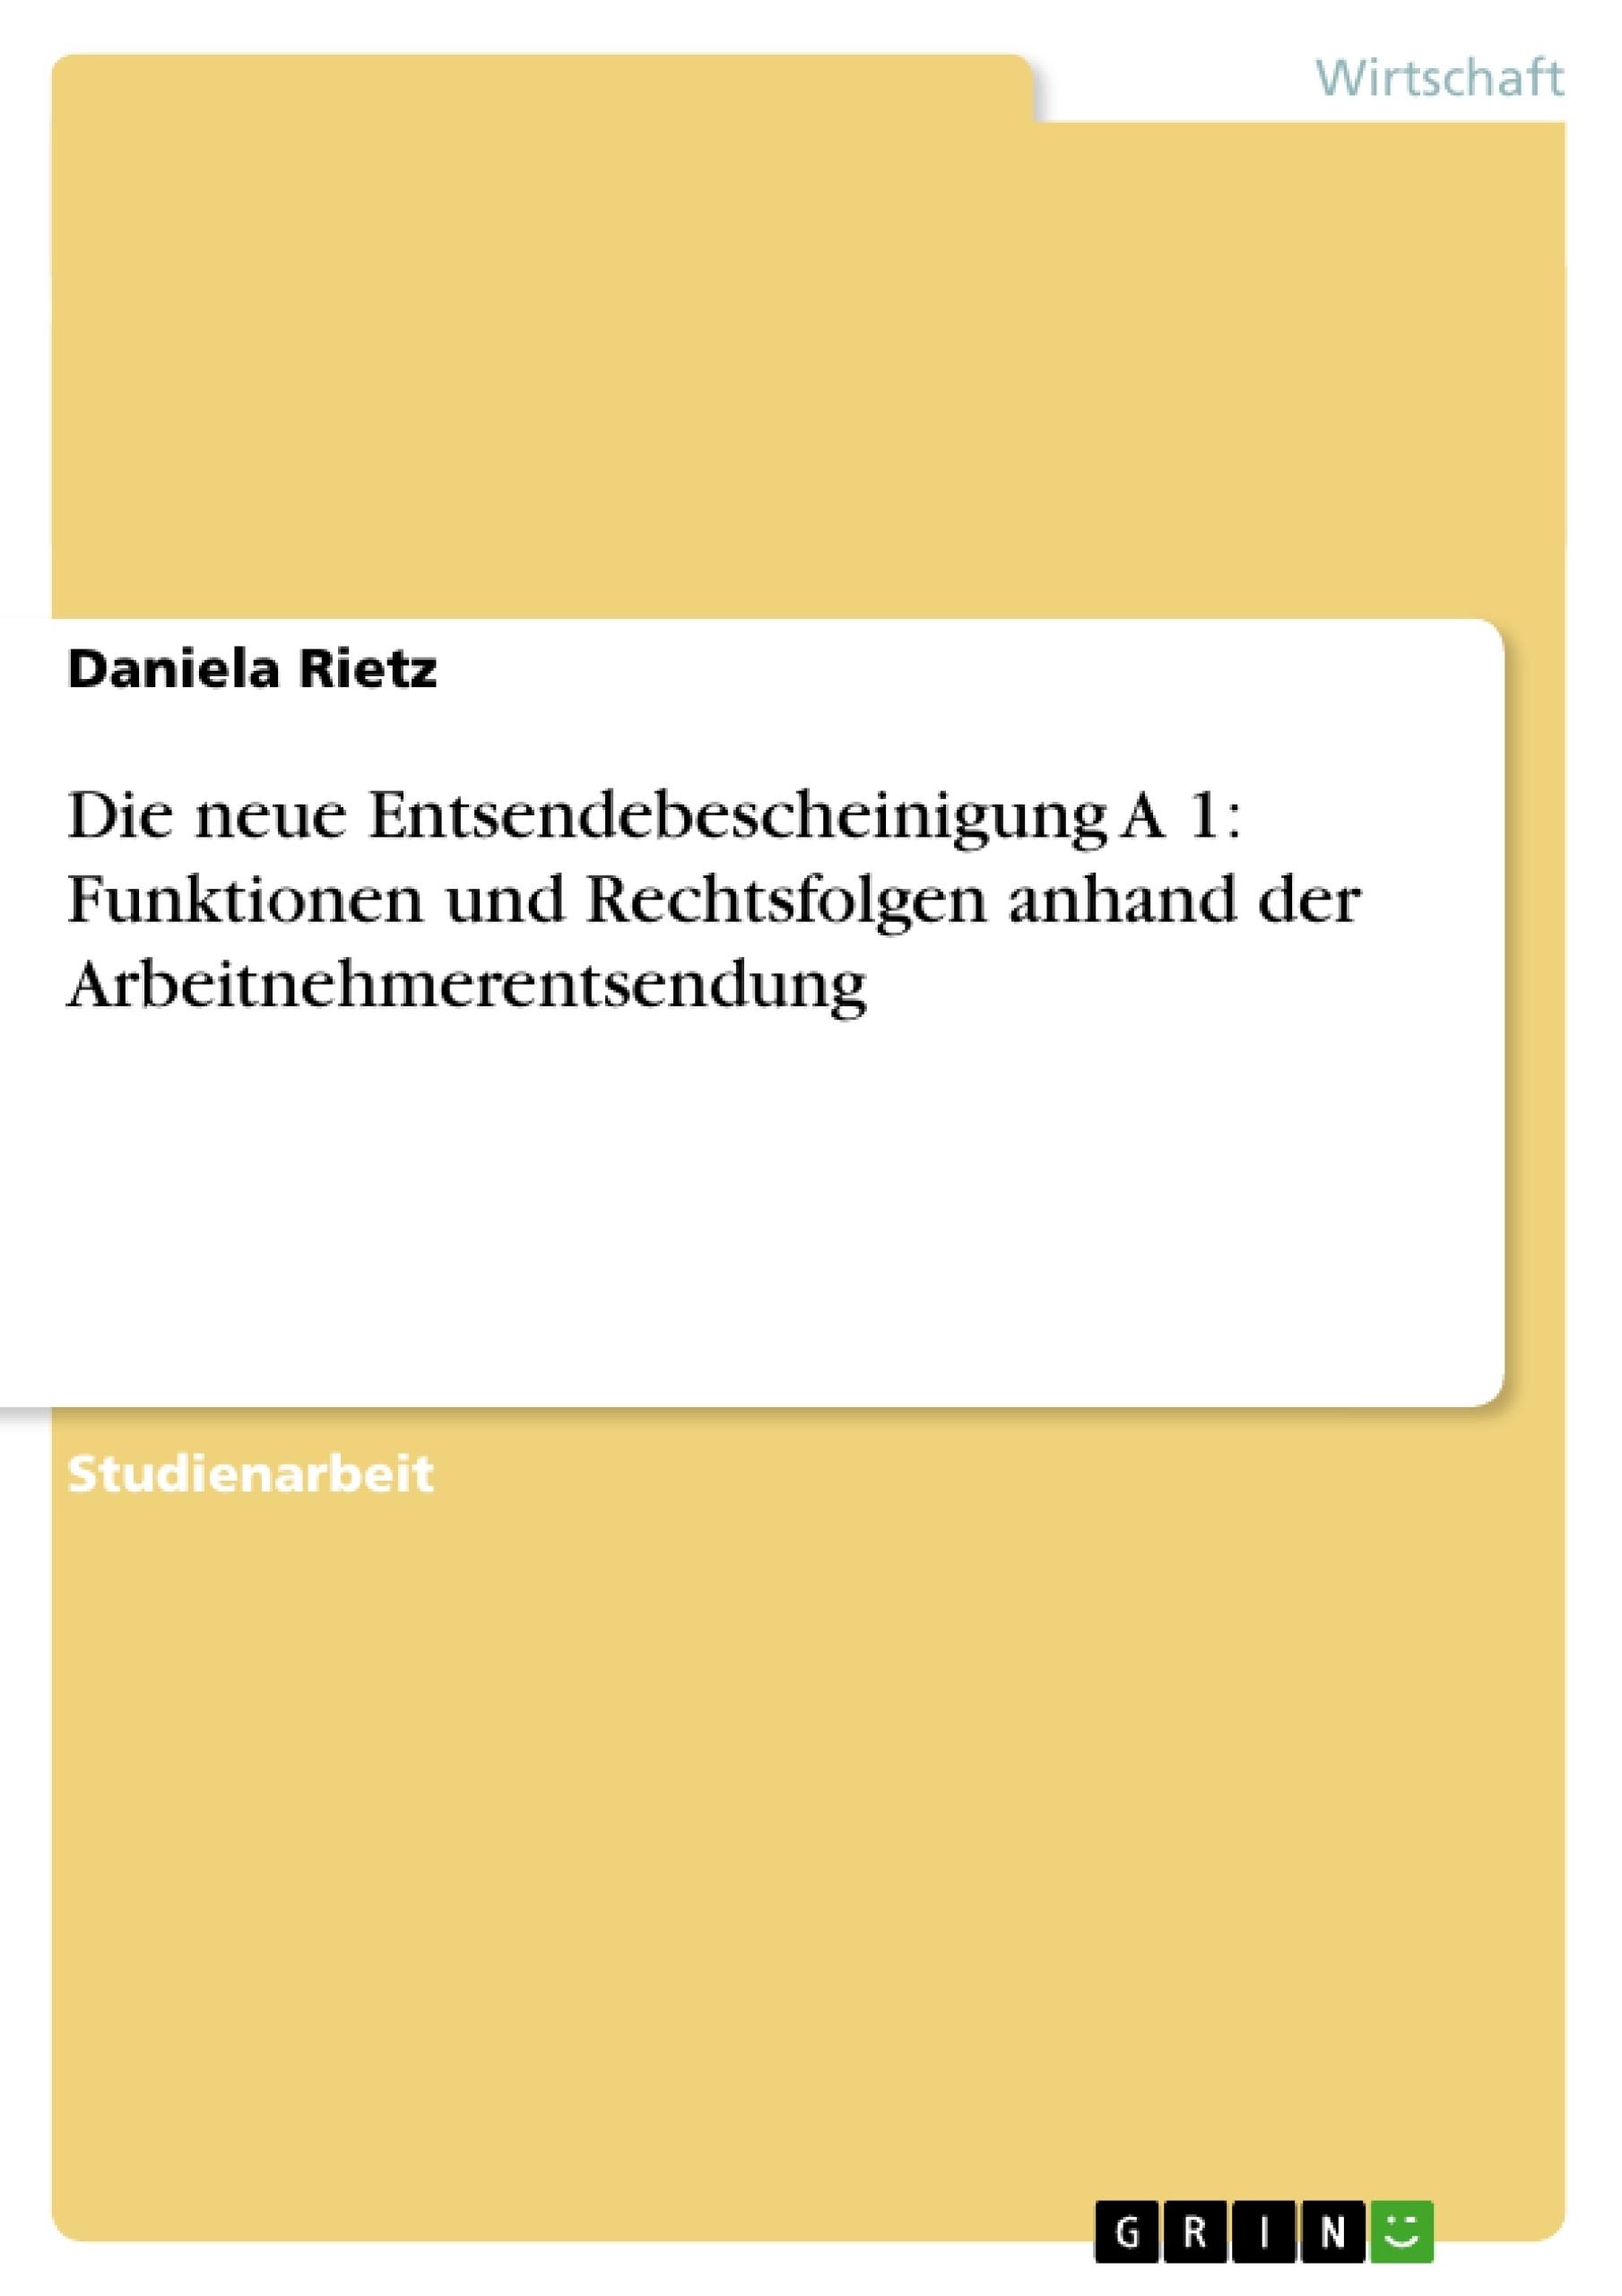 Titel: Die neue Entsendebescheinigung A 1: Funktionen und Rechtsfolgen anhand der Arbeitnehmerentsendung